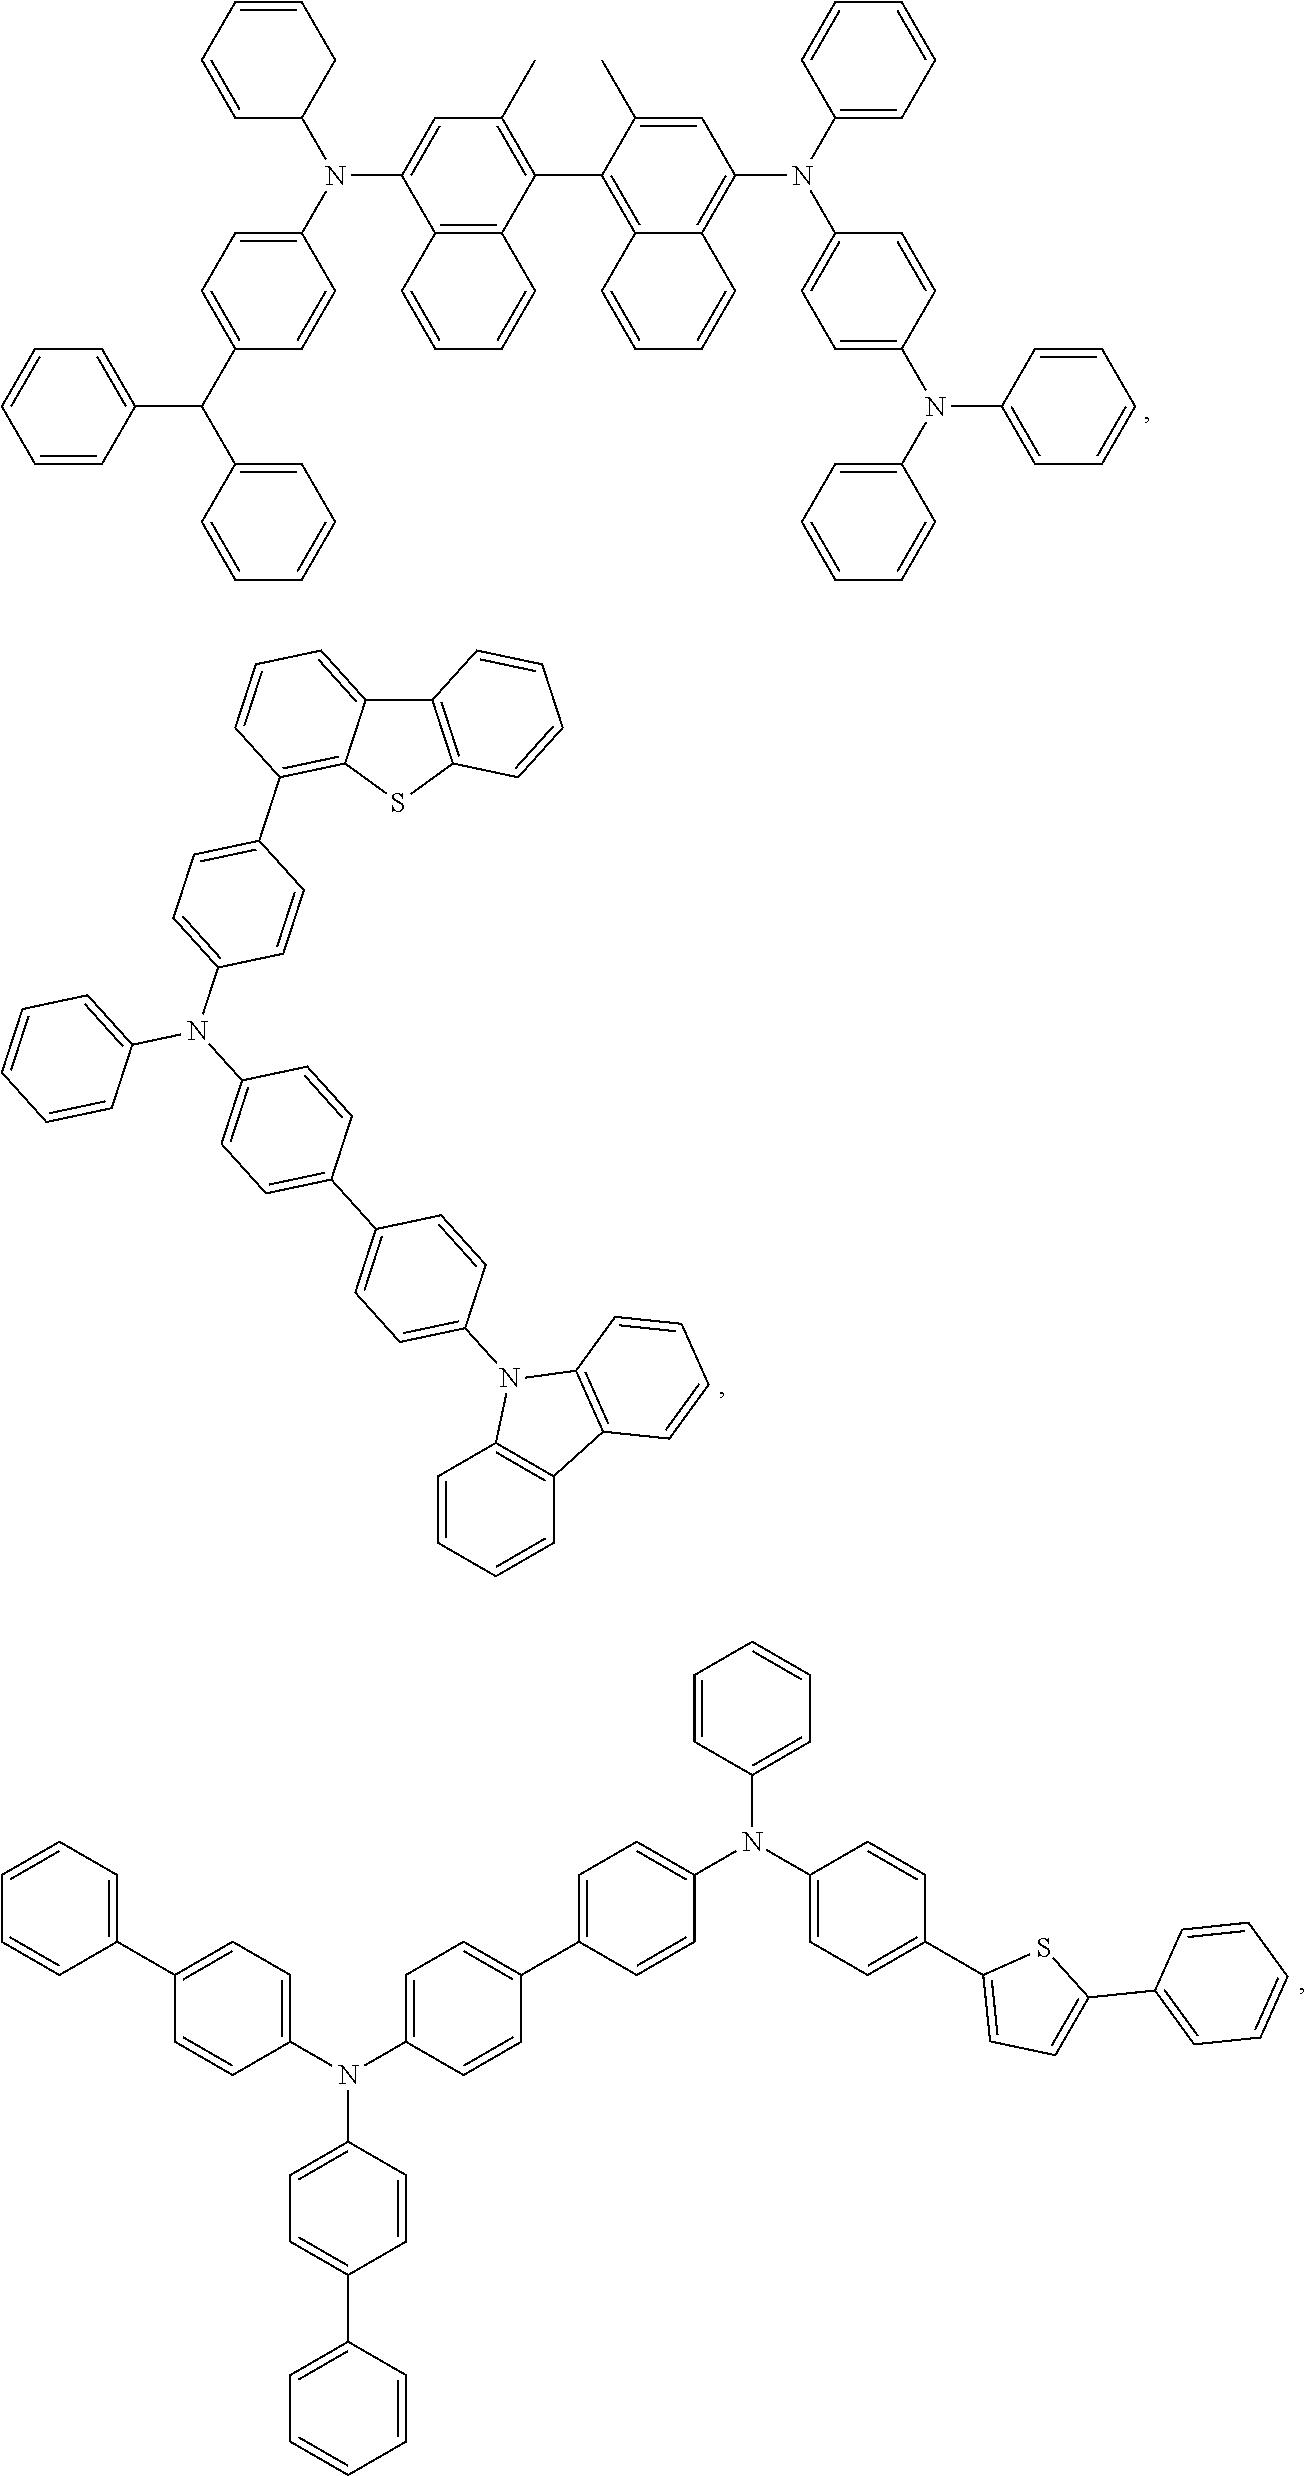 Figure US20190161504A1-20190530-C00024